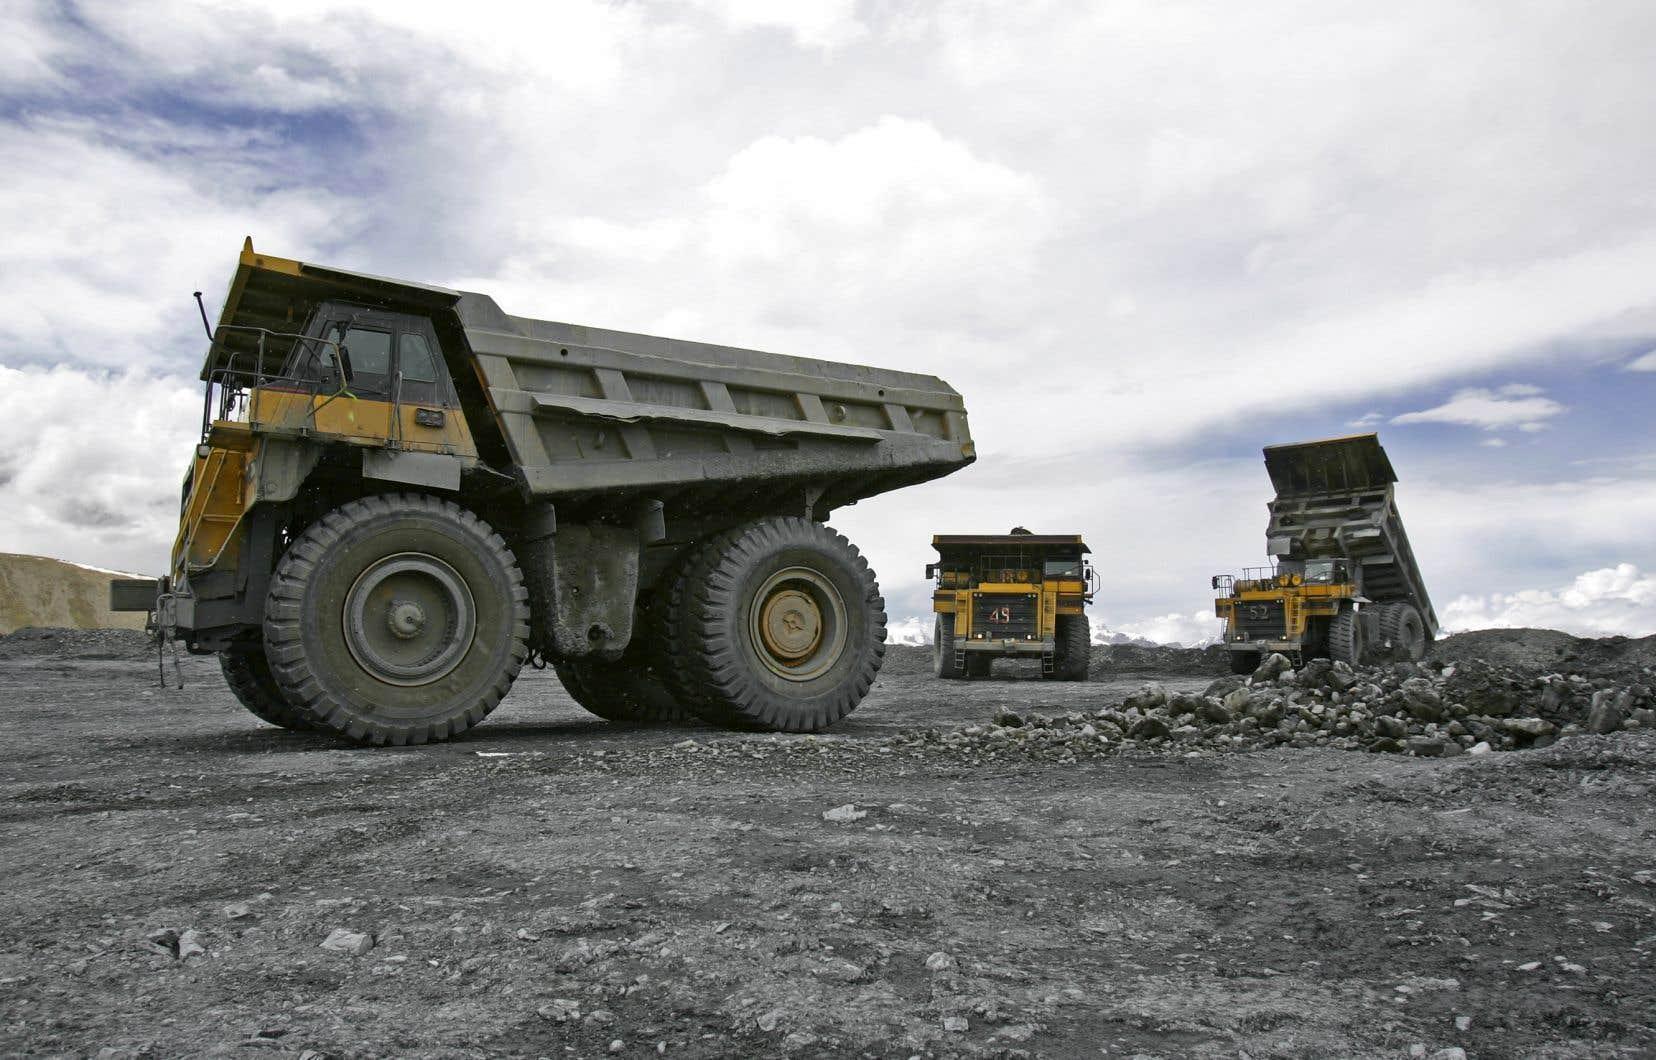 La compagnie en question, Canada Carbon, souhaite développer une mine à ciel ouvert de graphite et de marbre sur le territoire de la municipalité, située dans les Laurentides.